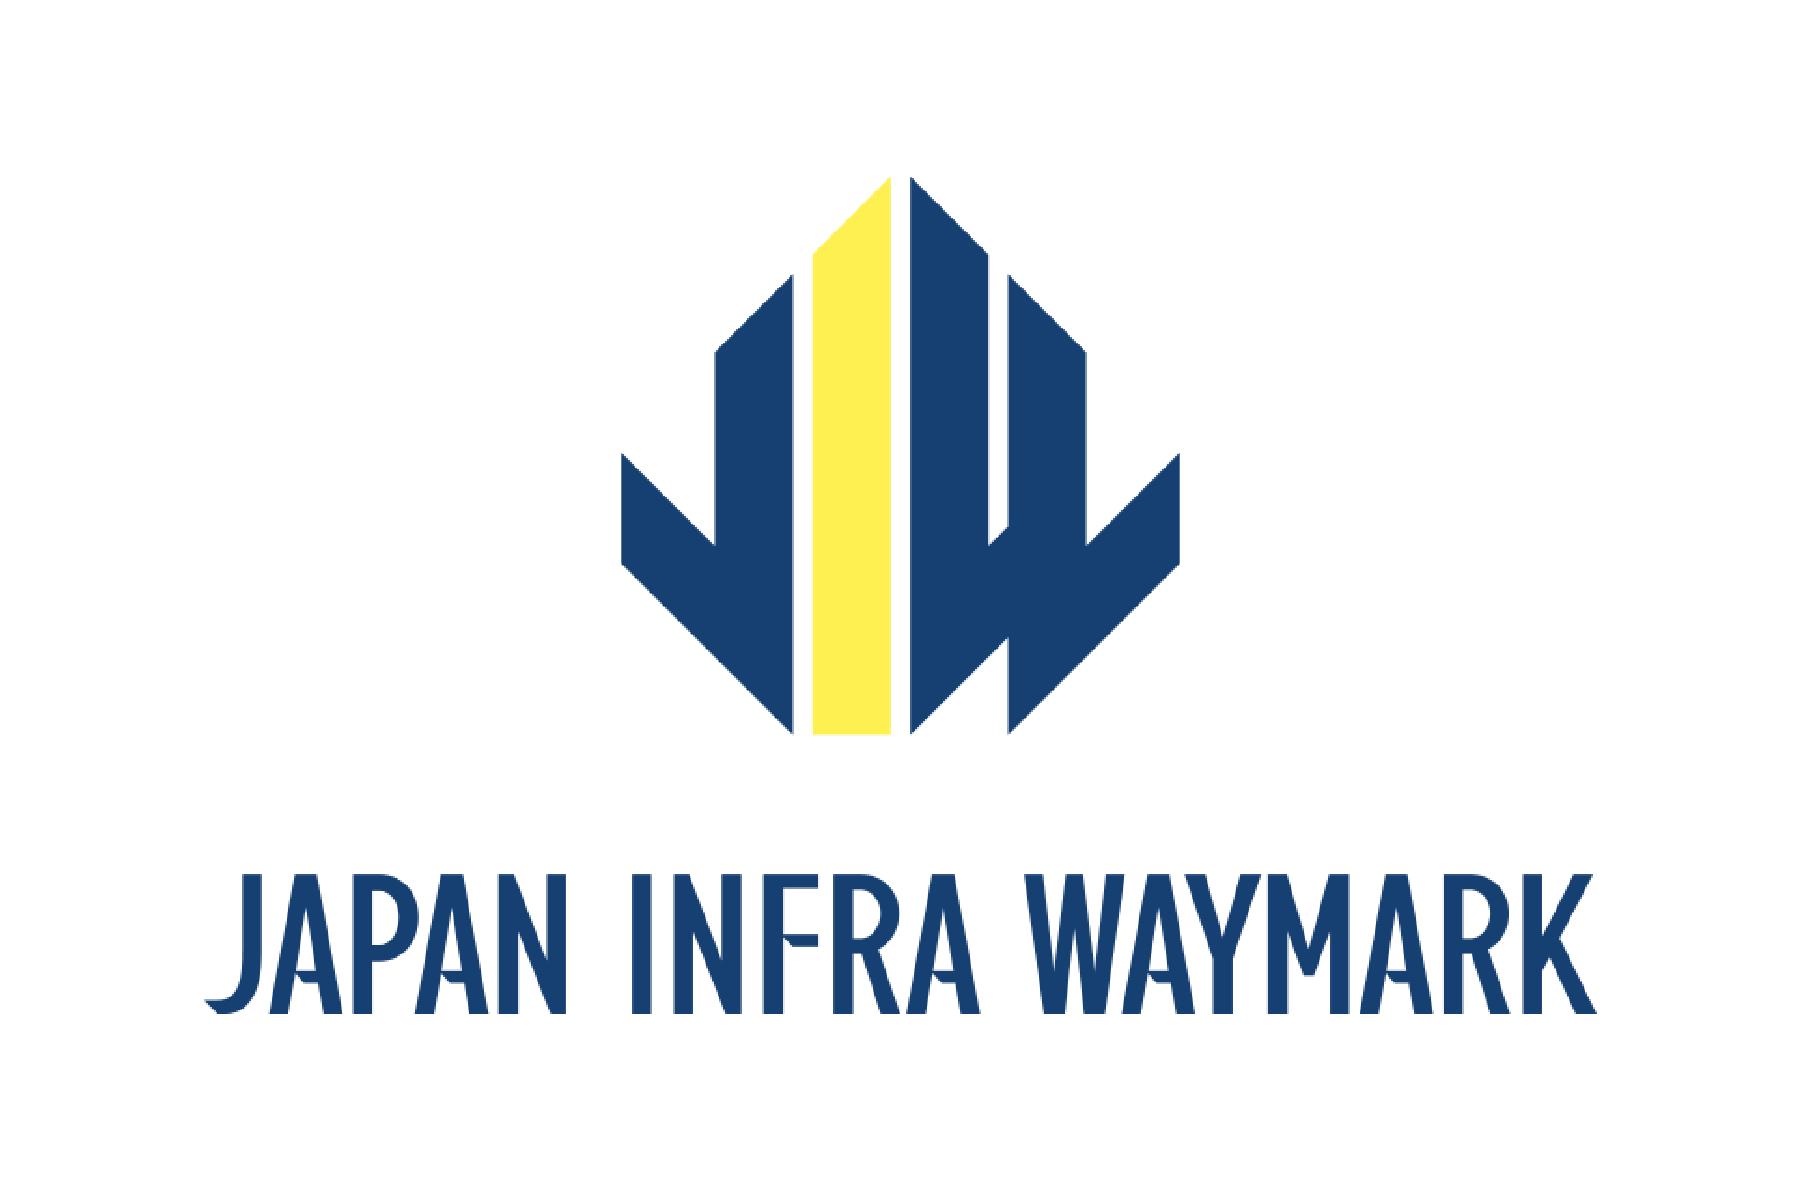 ドローンでのインフラ点検を提供するジャパン・インフラ・ウェイマーク、インフラ事業者を中心とした7社と資本業務提携へ